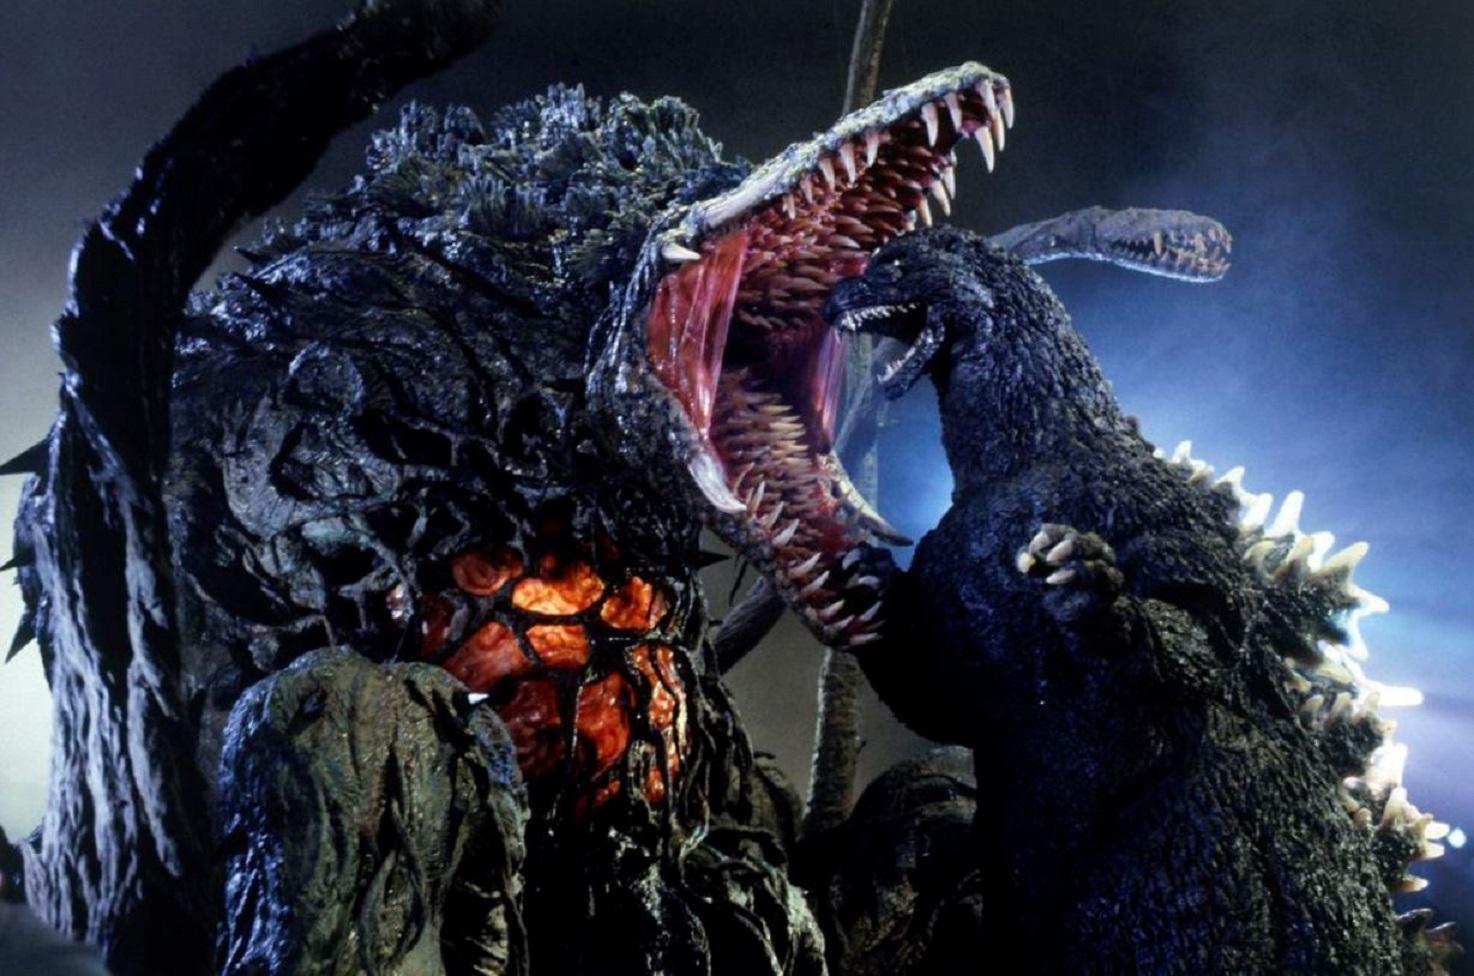 Godzilla versus Biollante in Godzilla vs. Biollante (1989)